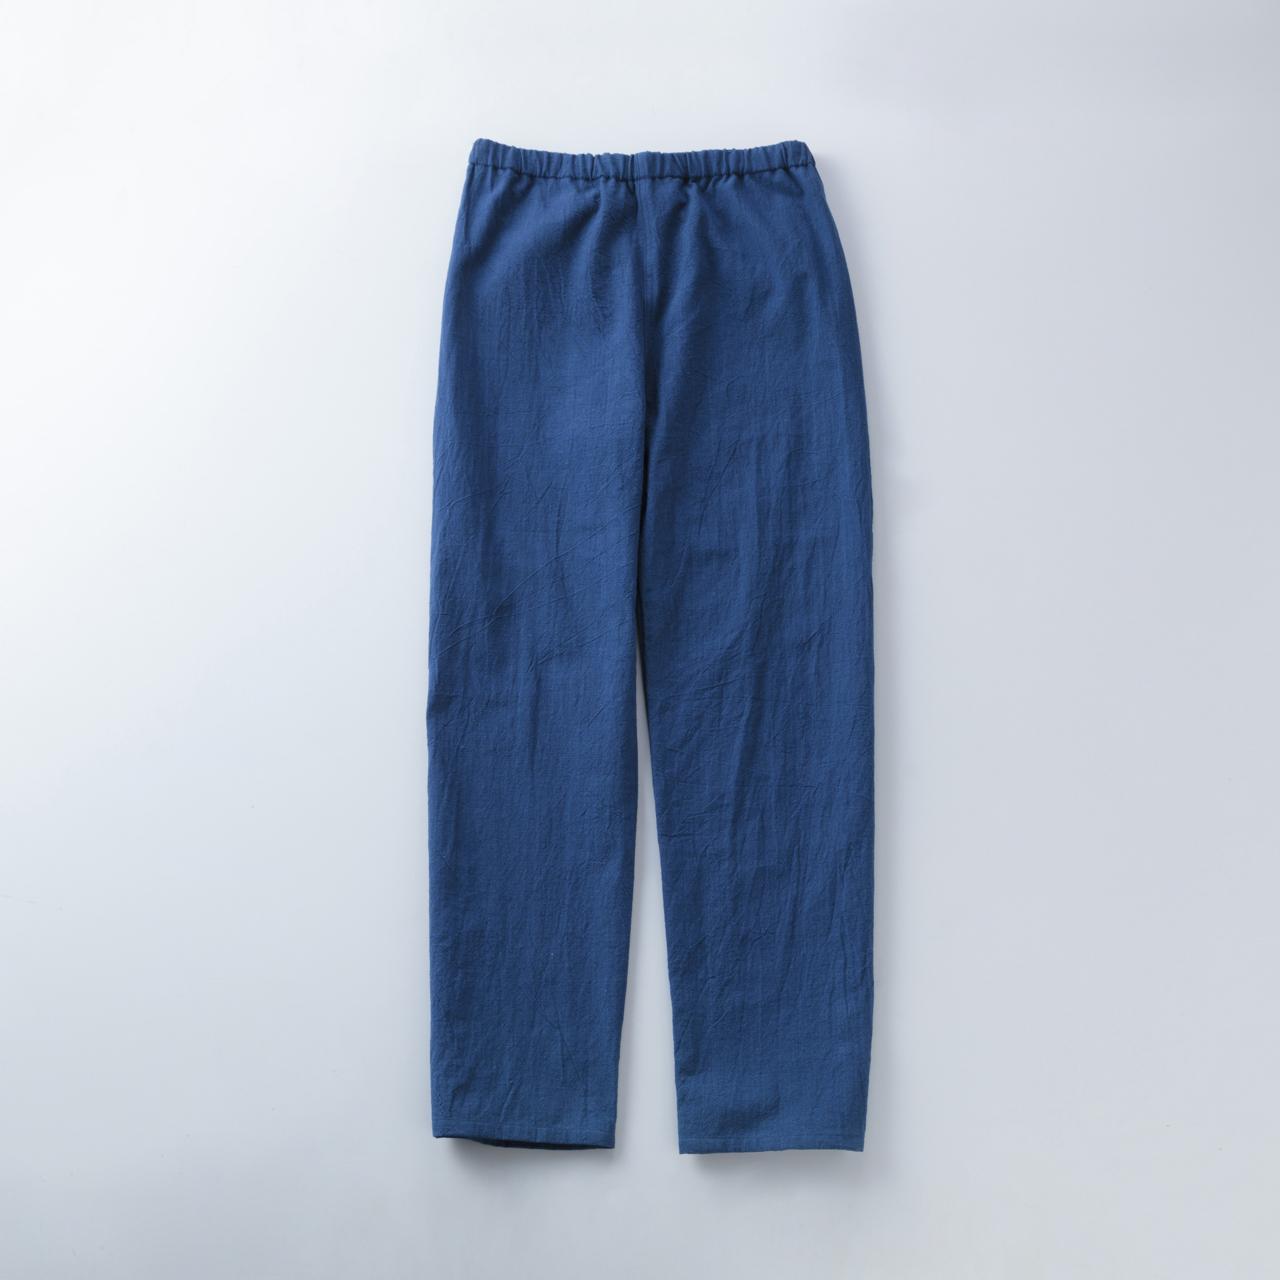 節織中紺パンツ1